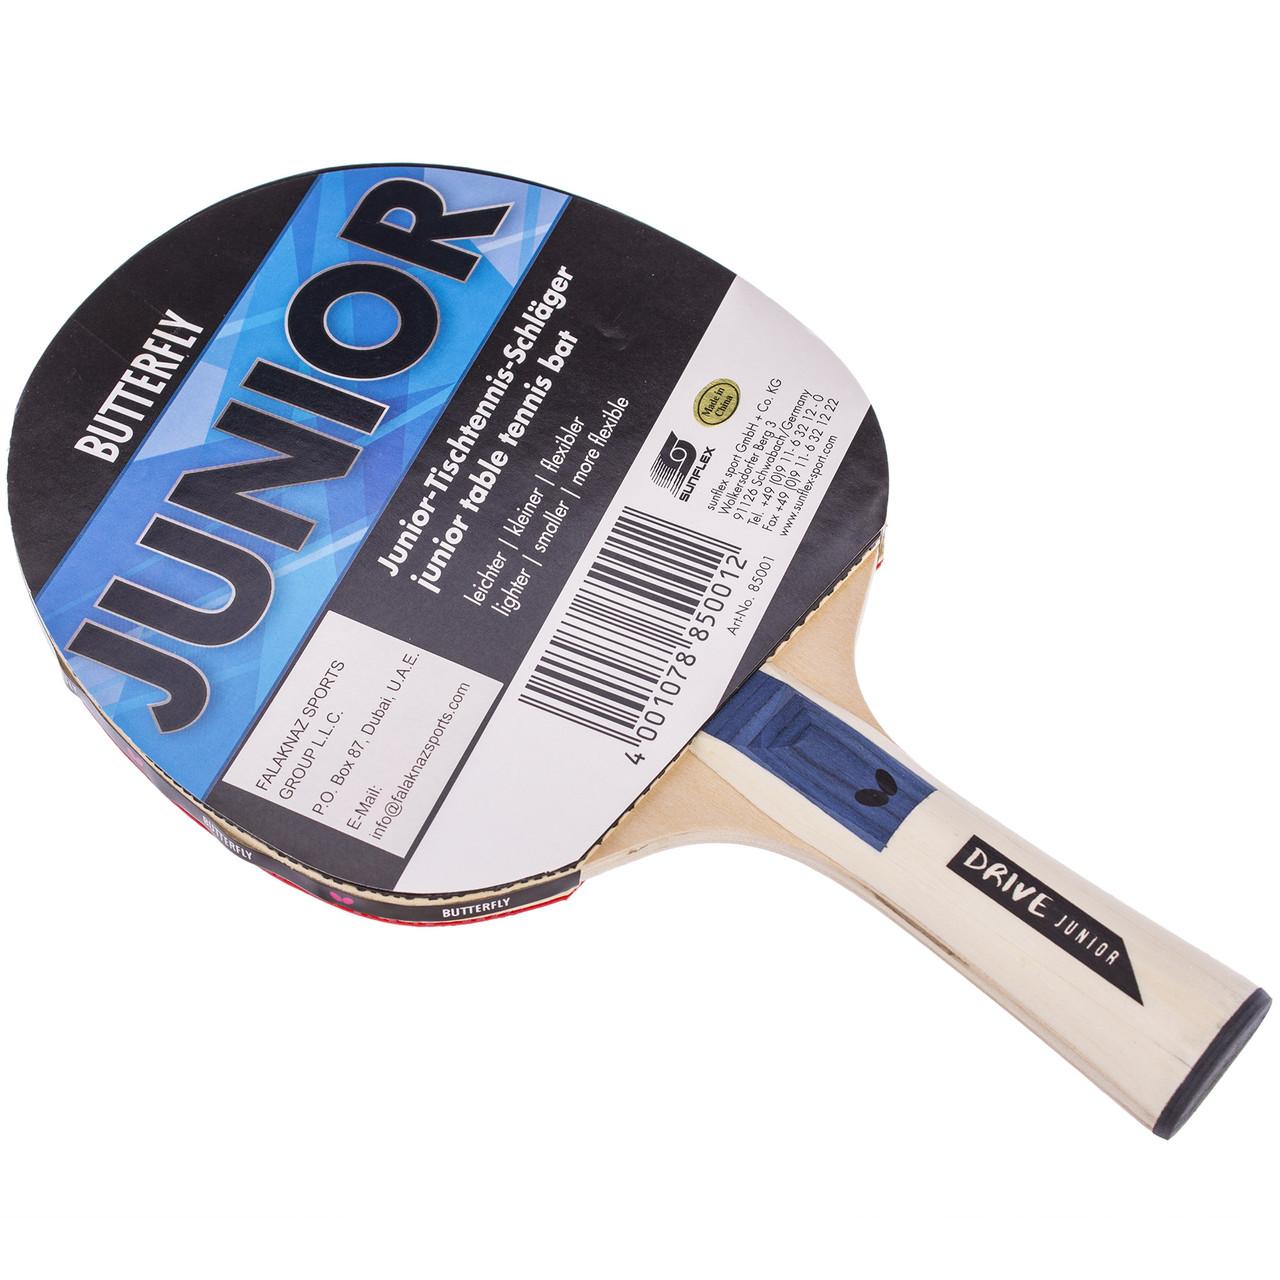 Теннисная ракетка BUTTERFLY для настольного тенниса JUNIOR 1 штука 85001